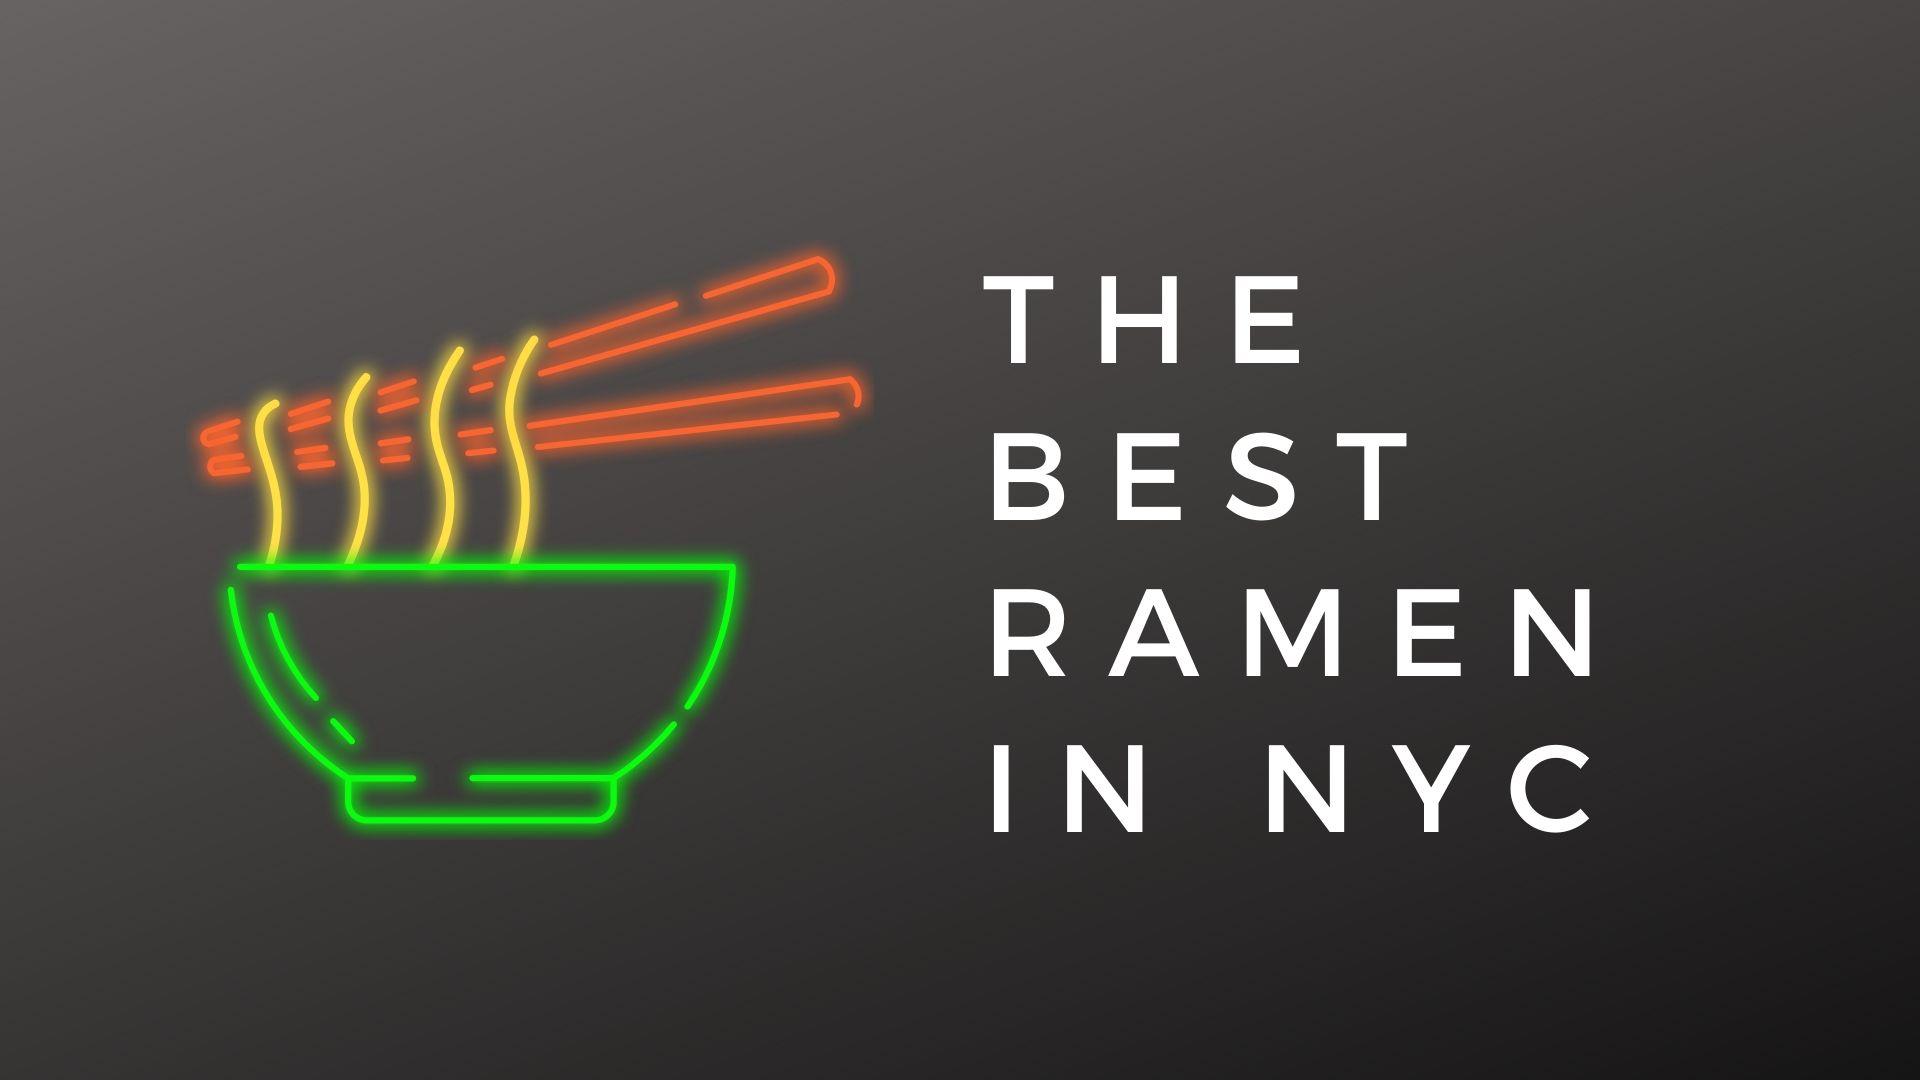 New Yorkで美味しいラーメン屋はどこ?【人気16店を在住者が徹底評価!】